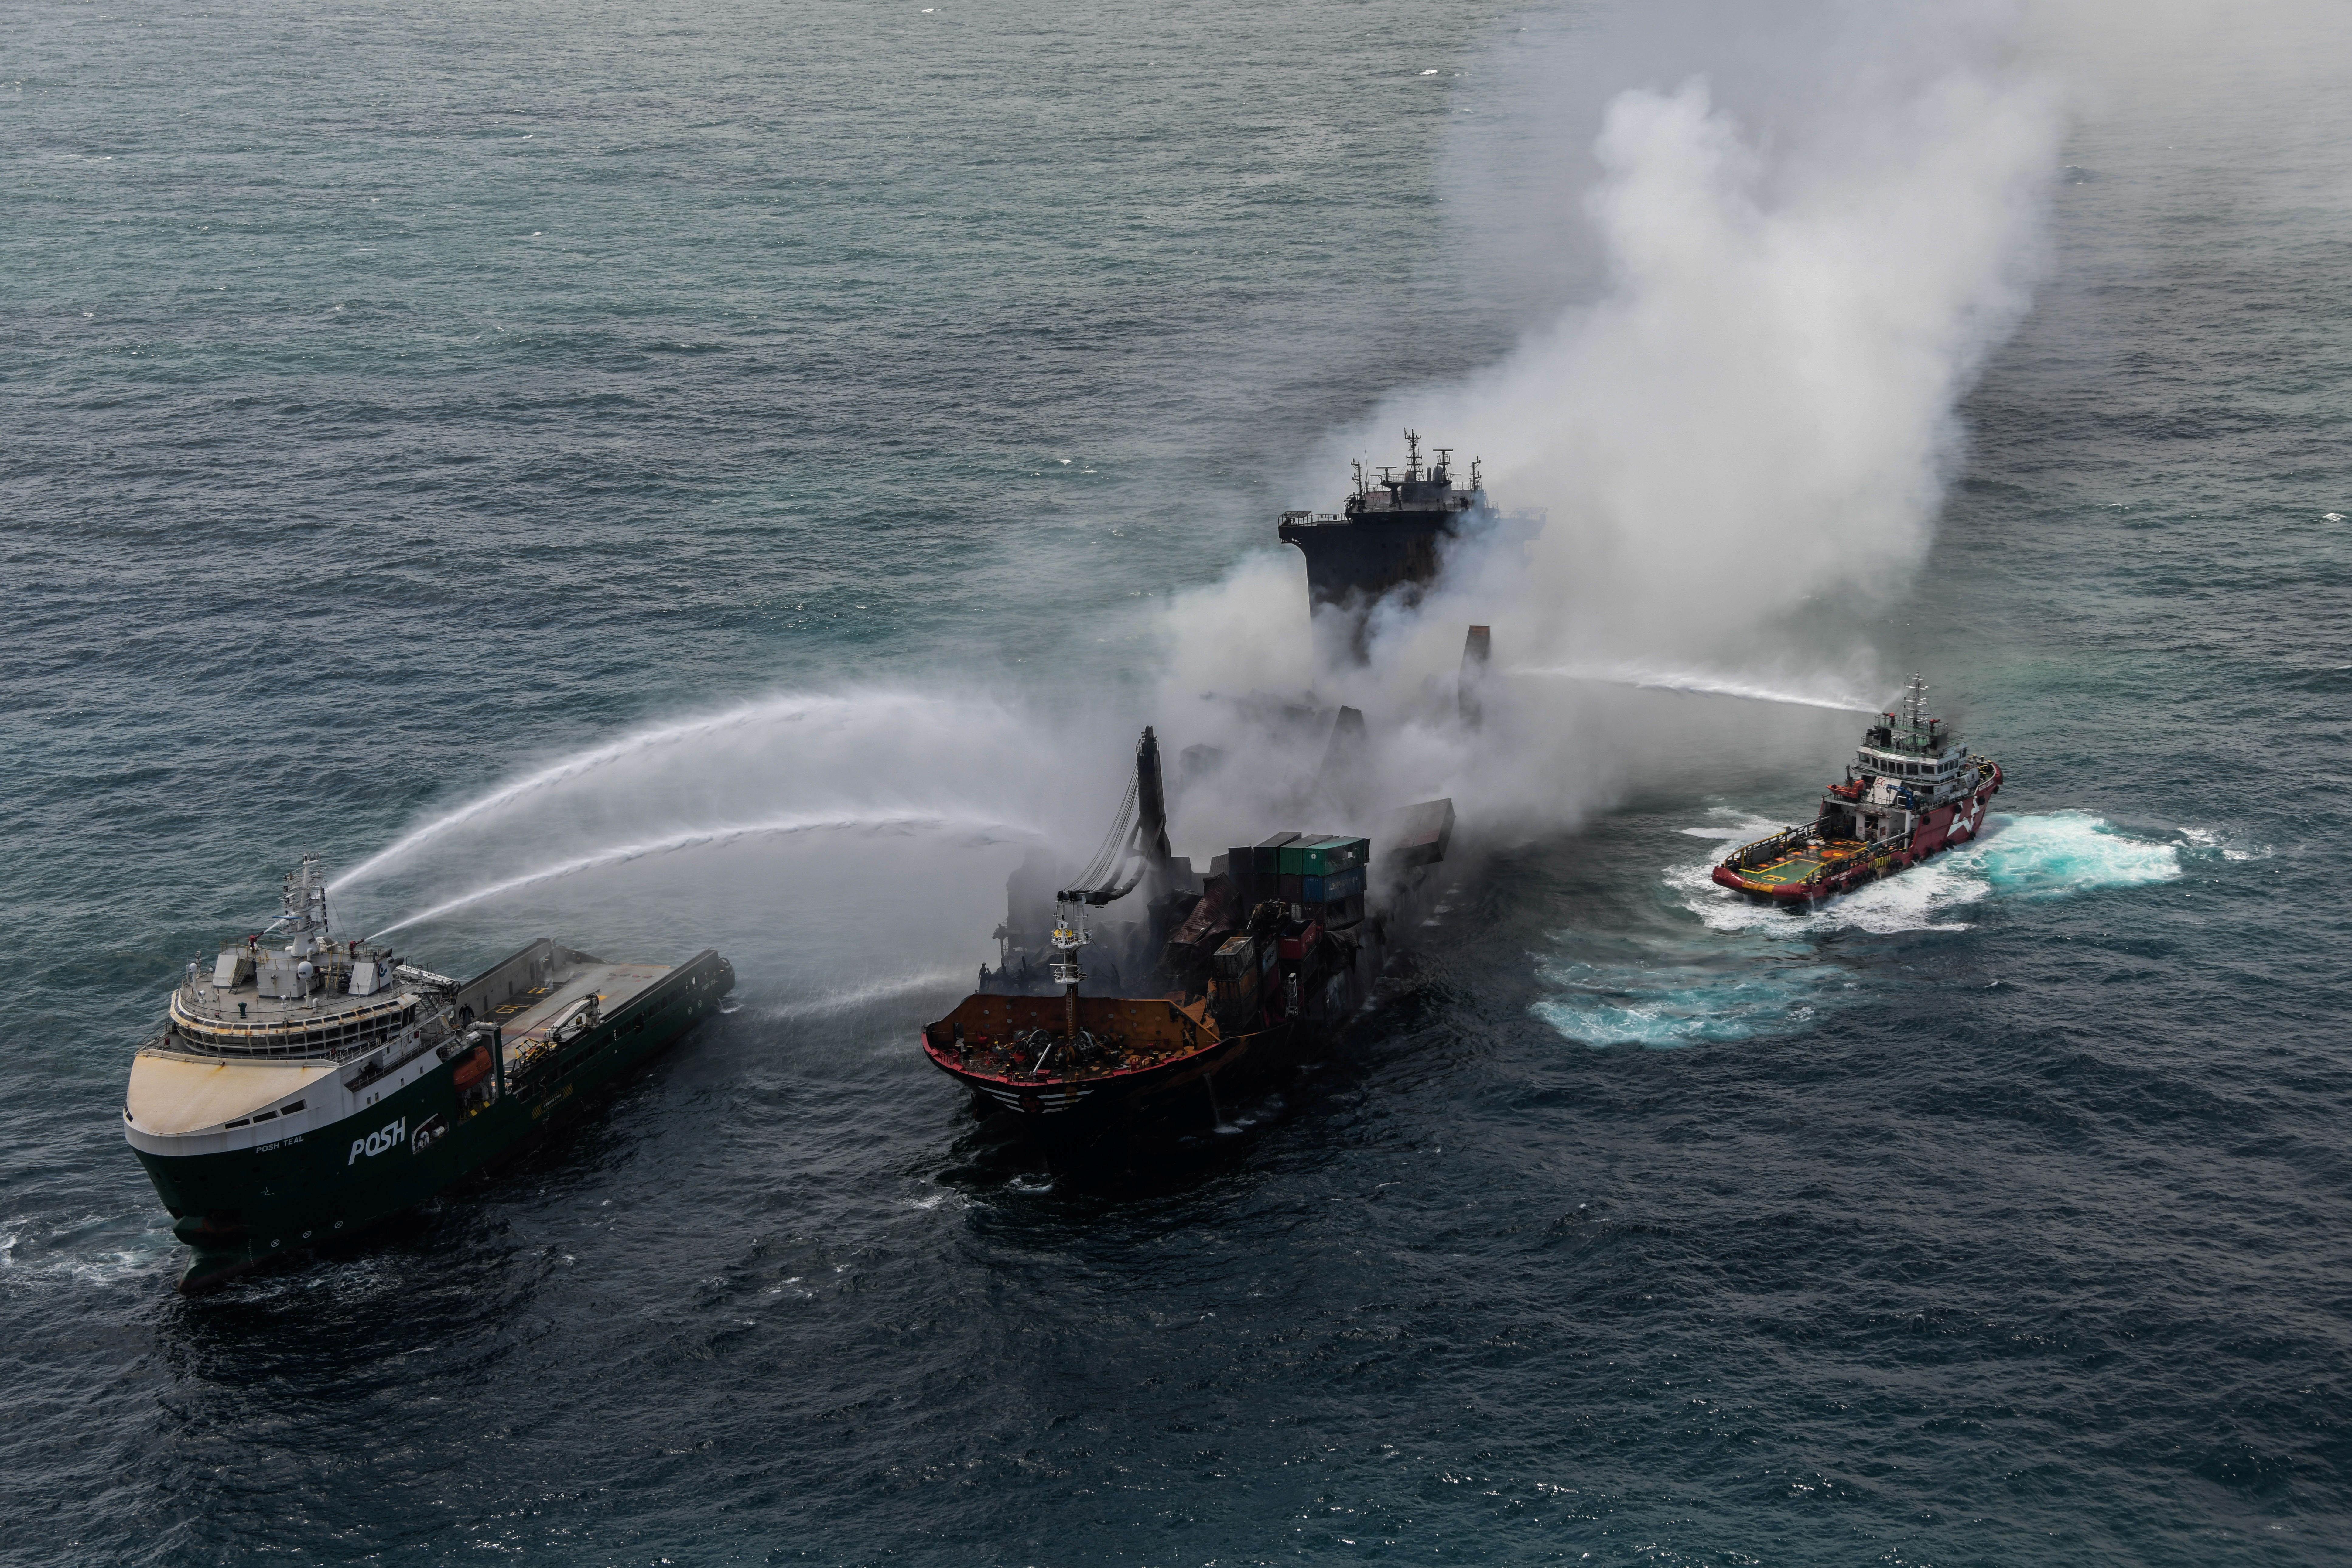 Il fumo si alza da un incendio a bordo della nave MV X-Press Pearl nei mari al largo del porto di Colombo, in Sri Lanka, 30 maggio 2021. Media/dispensa dell'aeronautica dello Sri Lanka via REUTERS